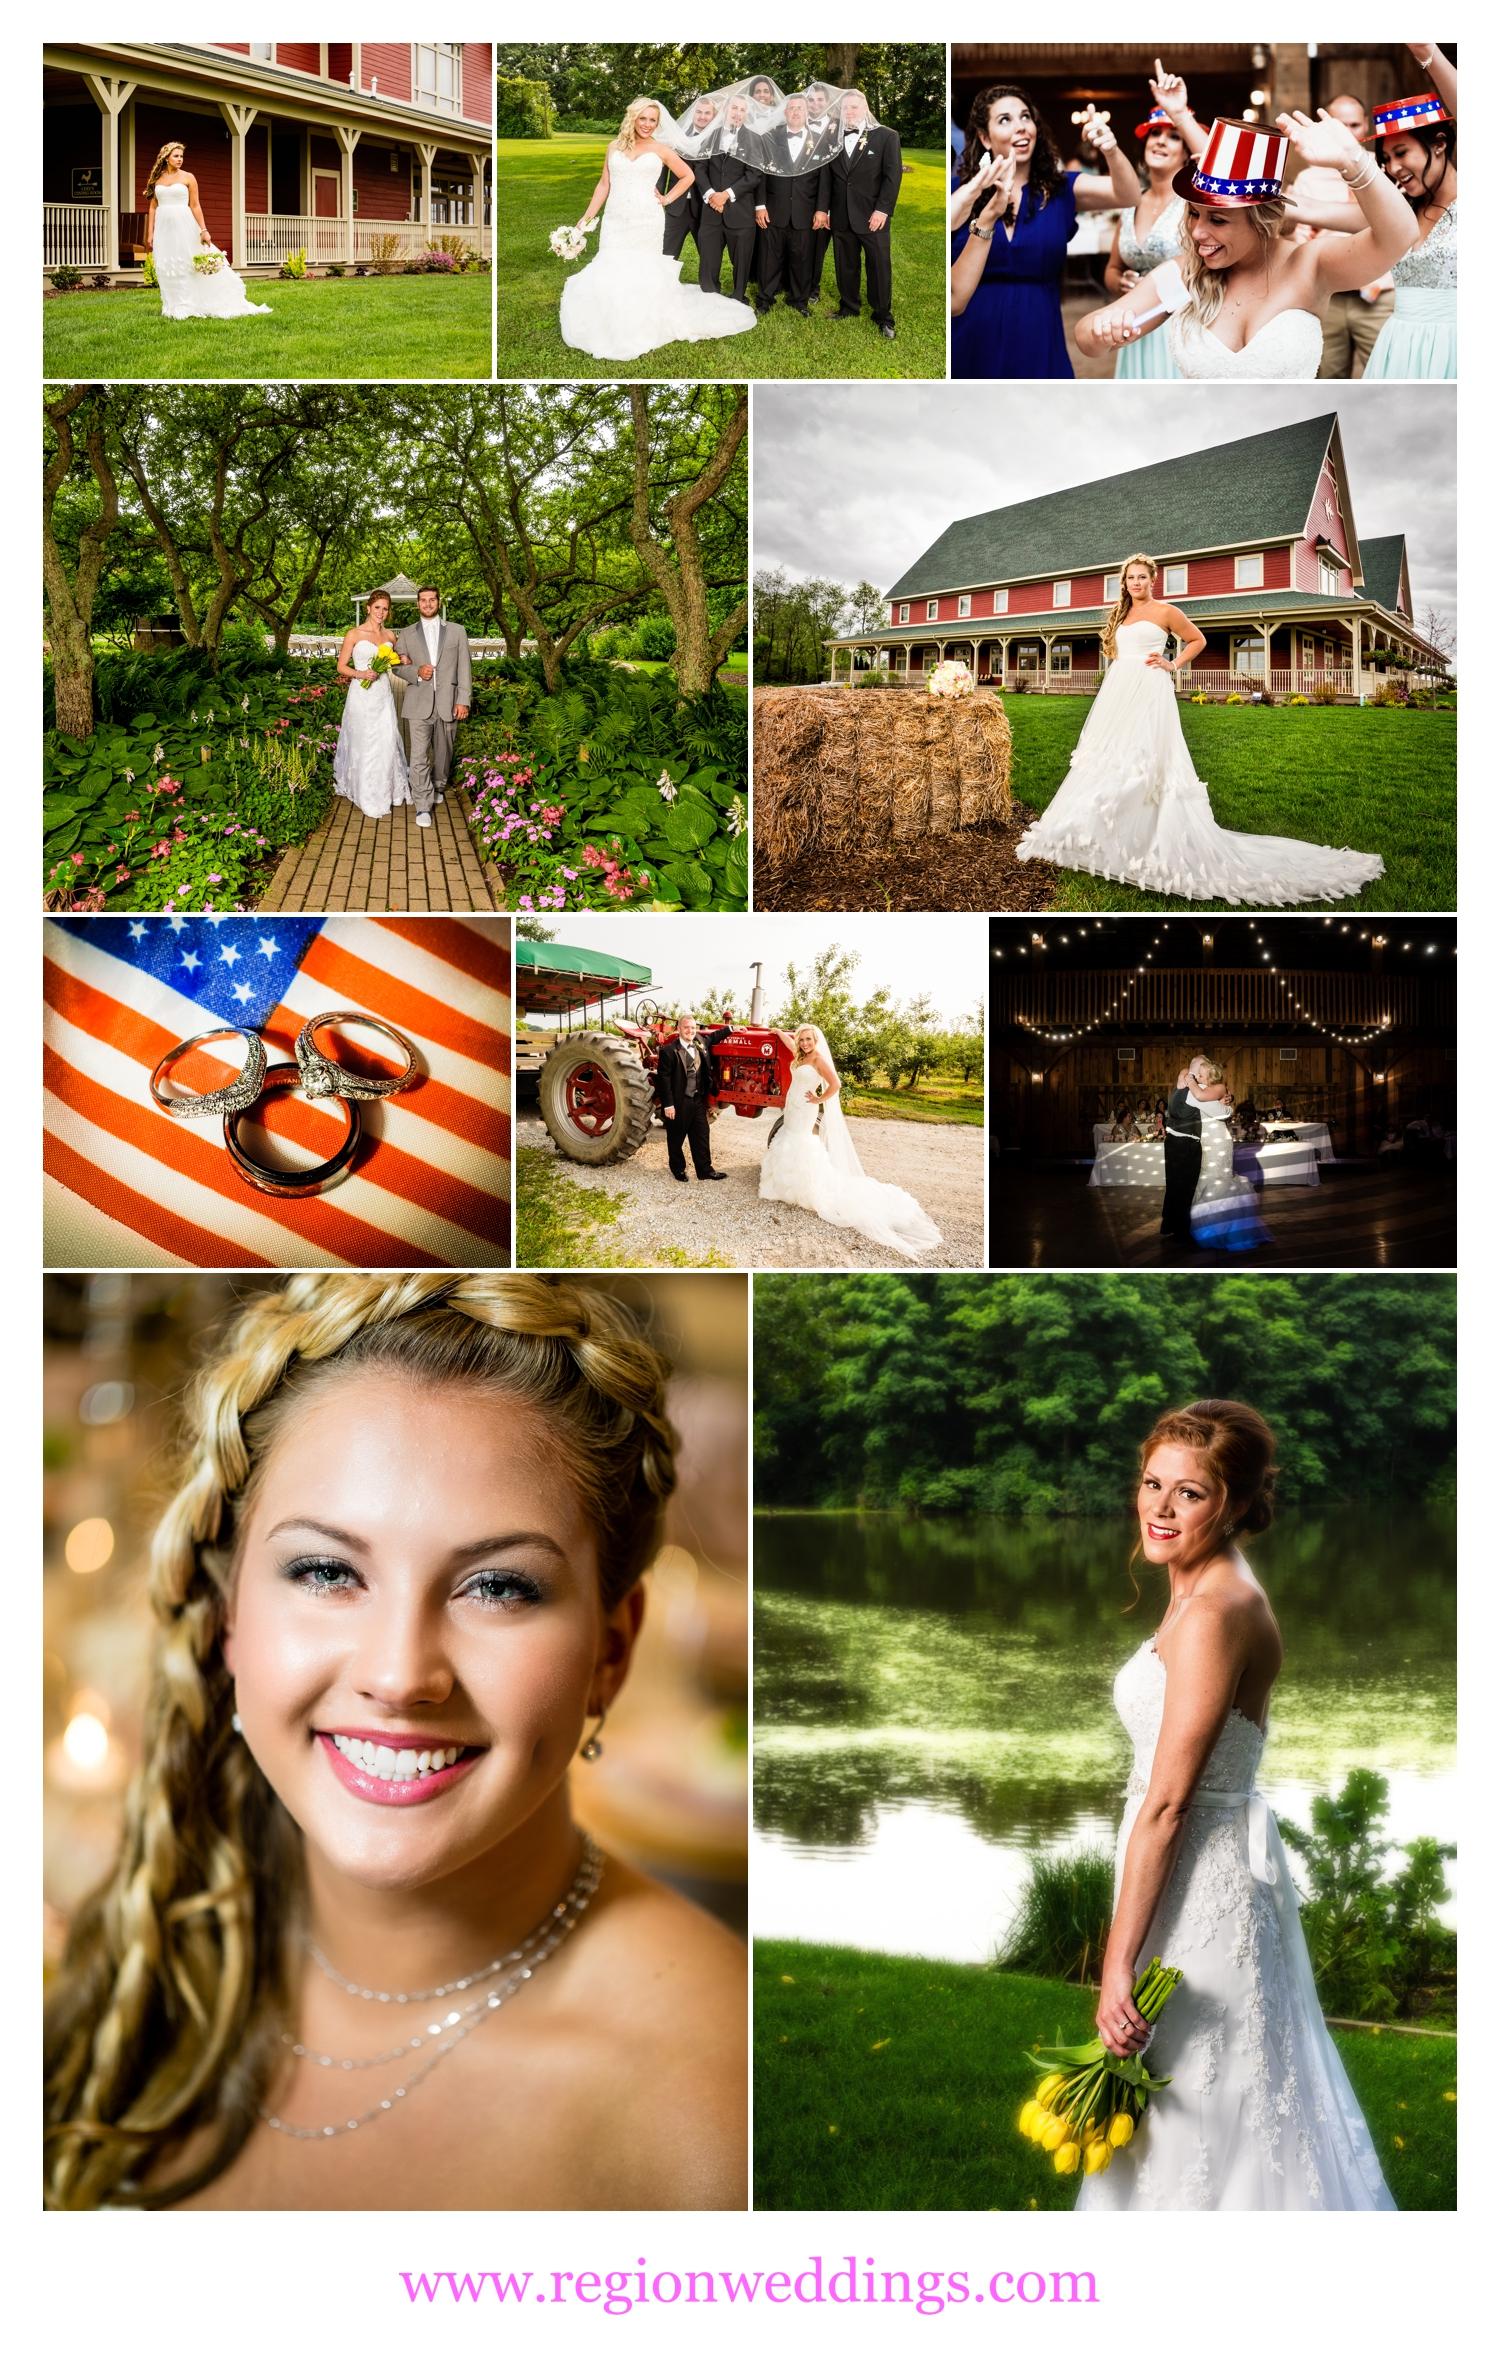 northwest-indiana-wedding-photography-collage6.jpg